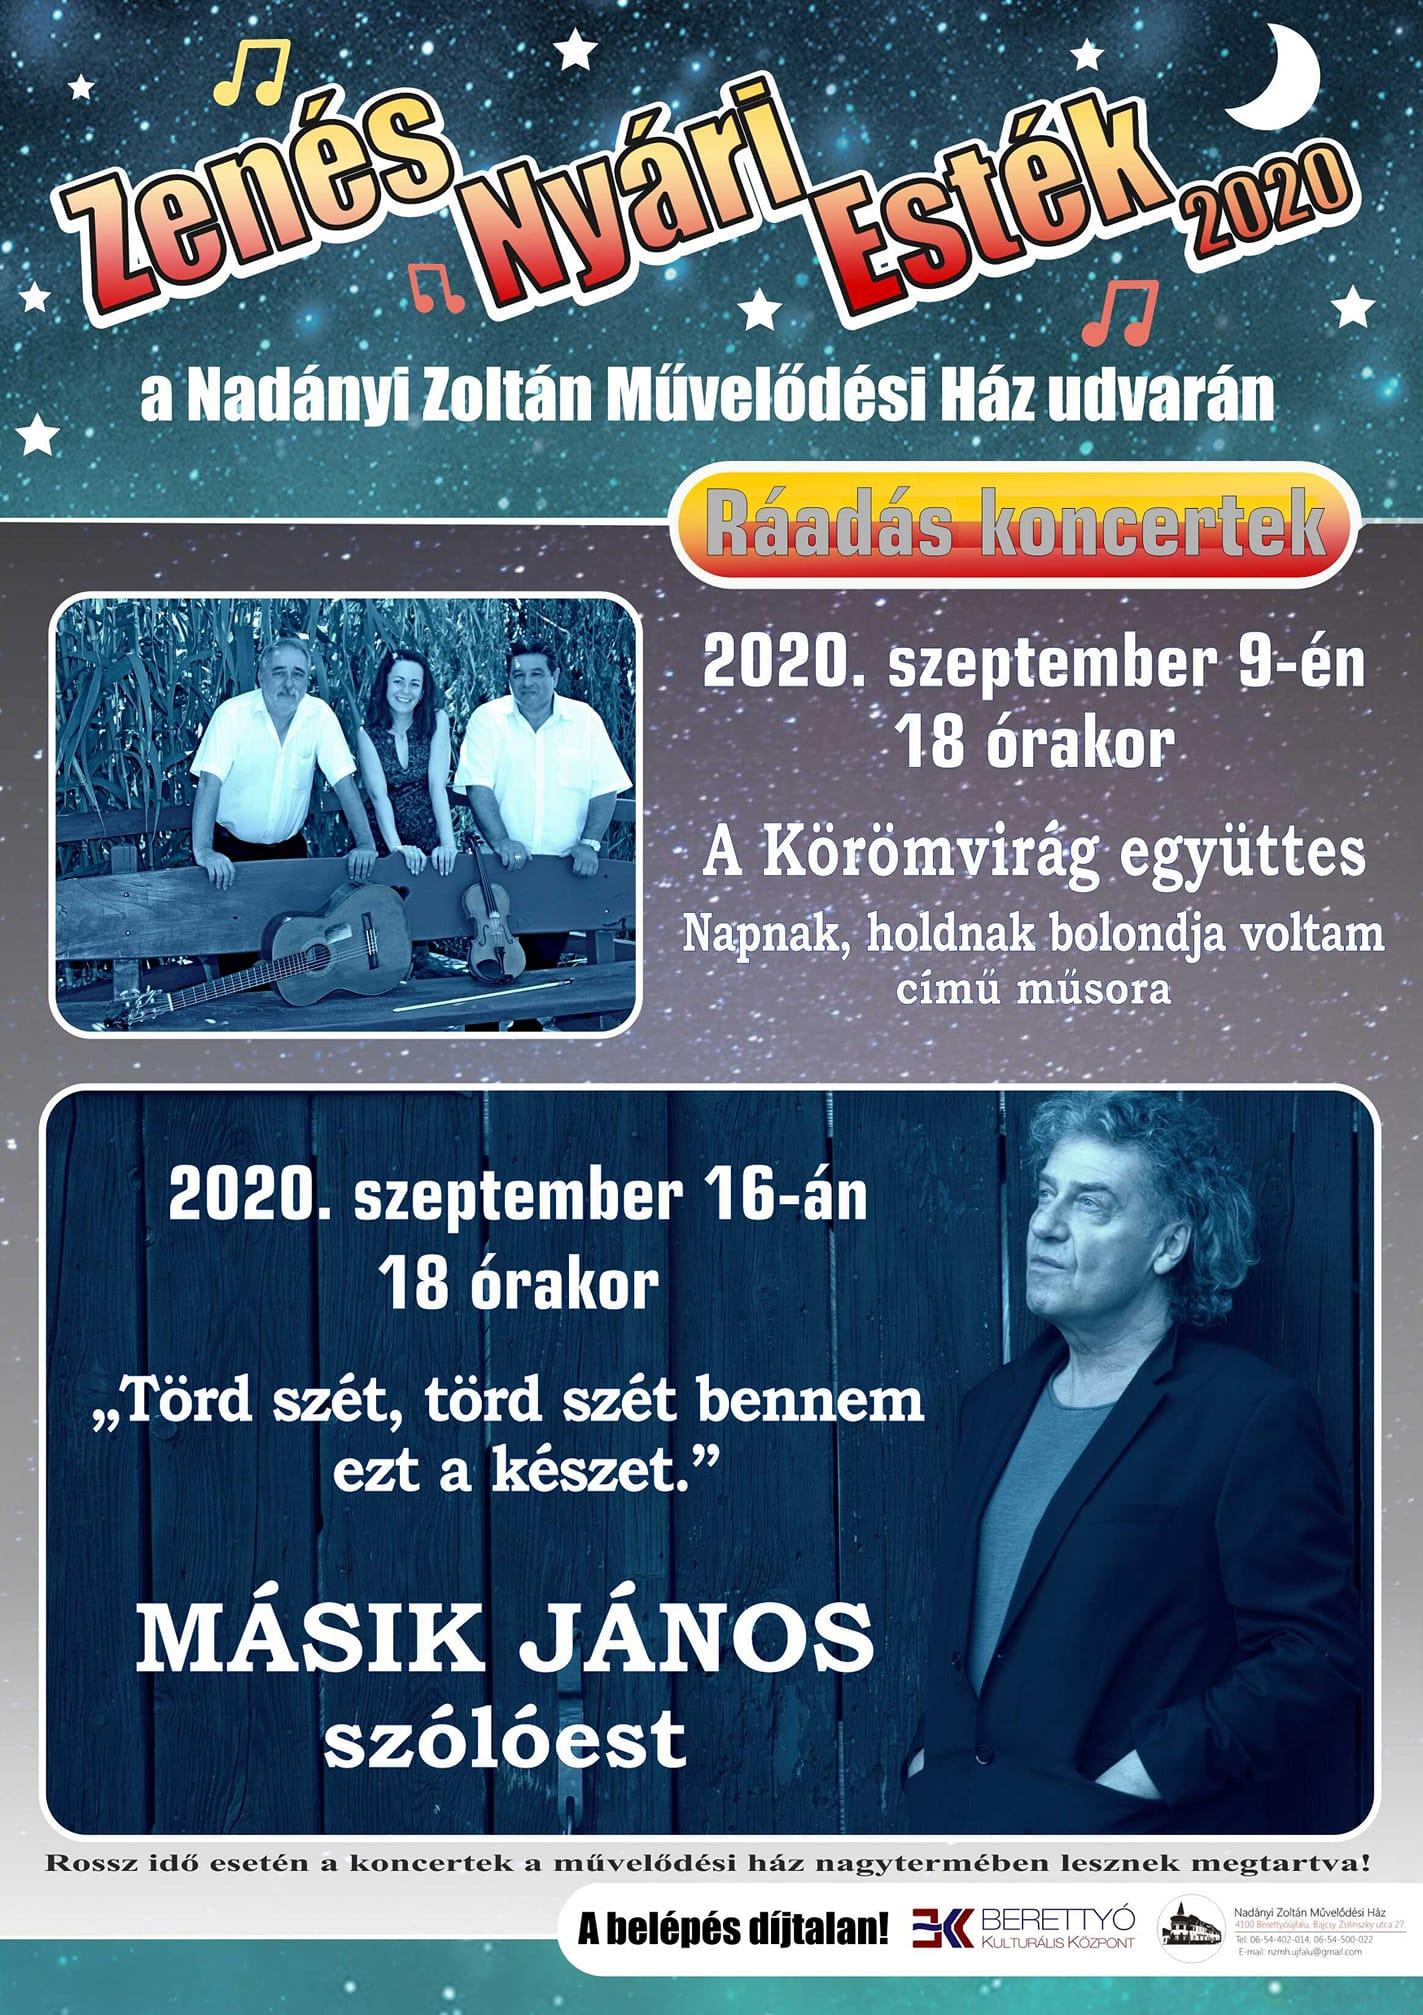 Zenés Nyári Esték - Ráadás koncertek - Másik János szólóest